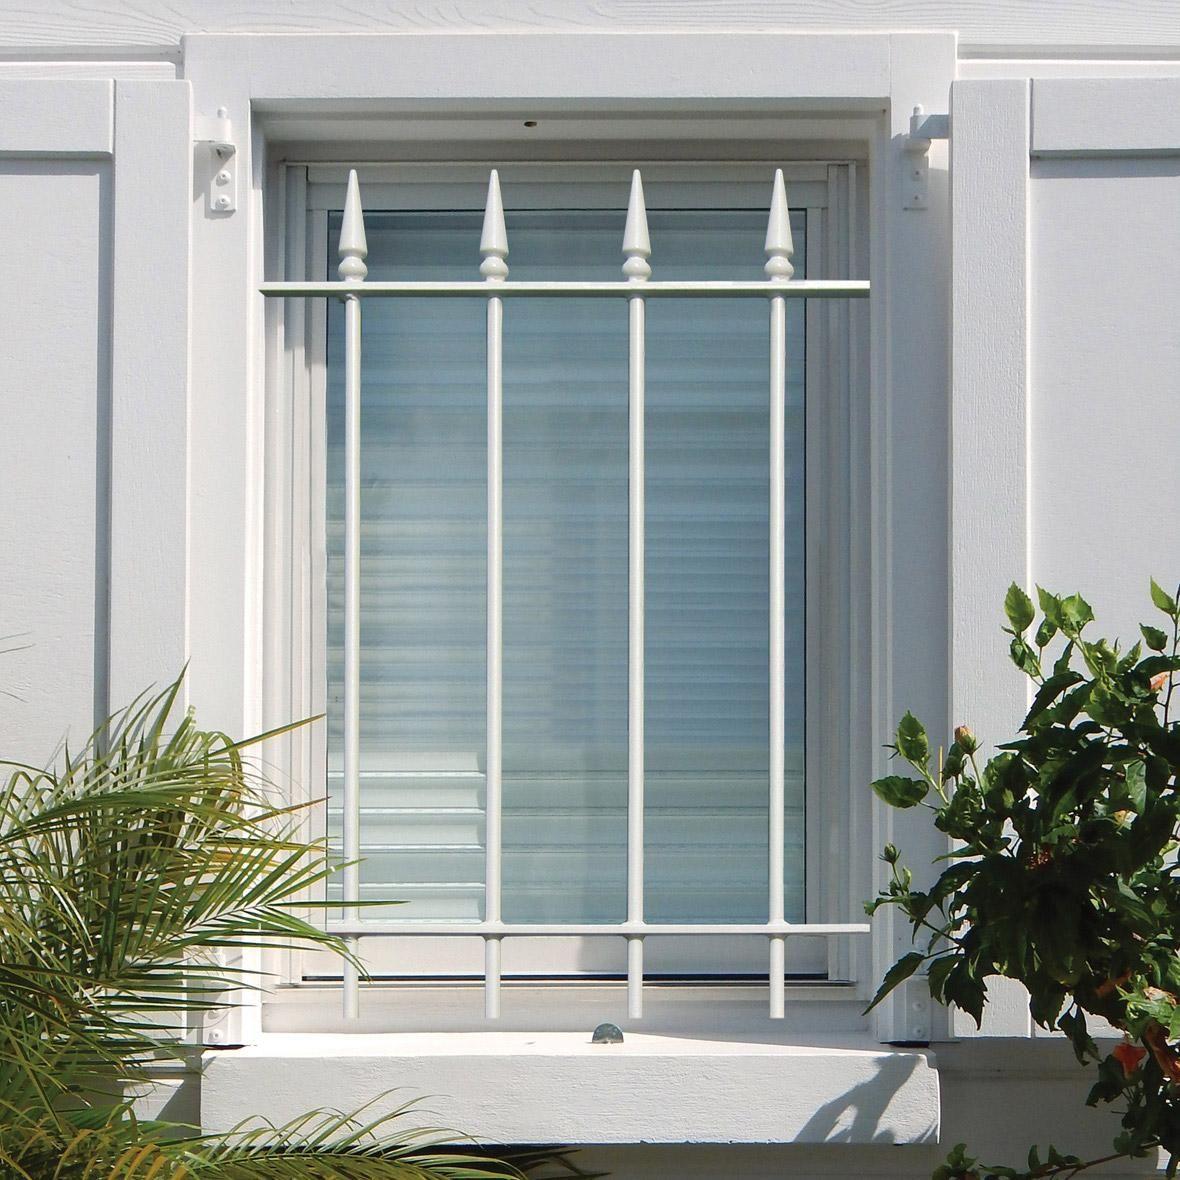 grille de défense pour fenêtre quercy l40 x h75 cm en